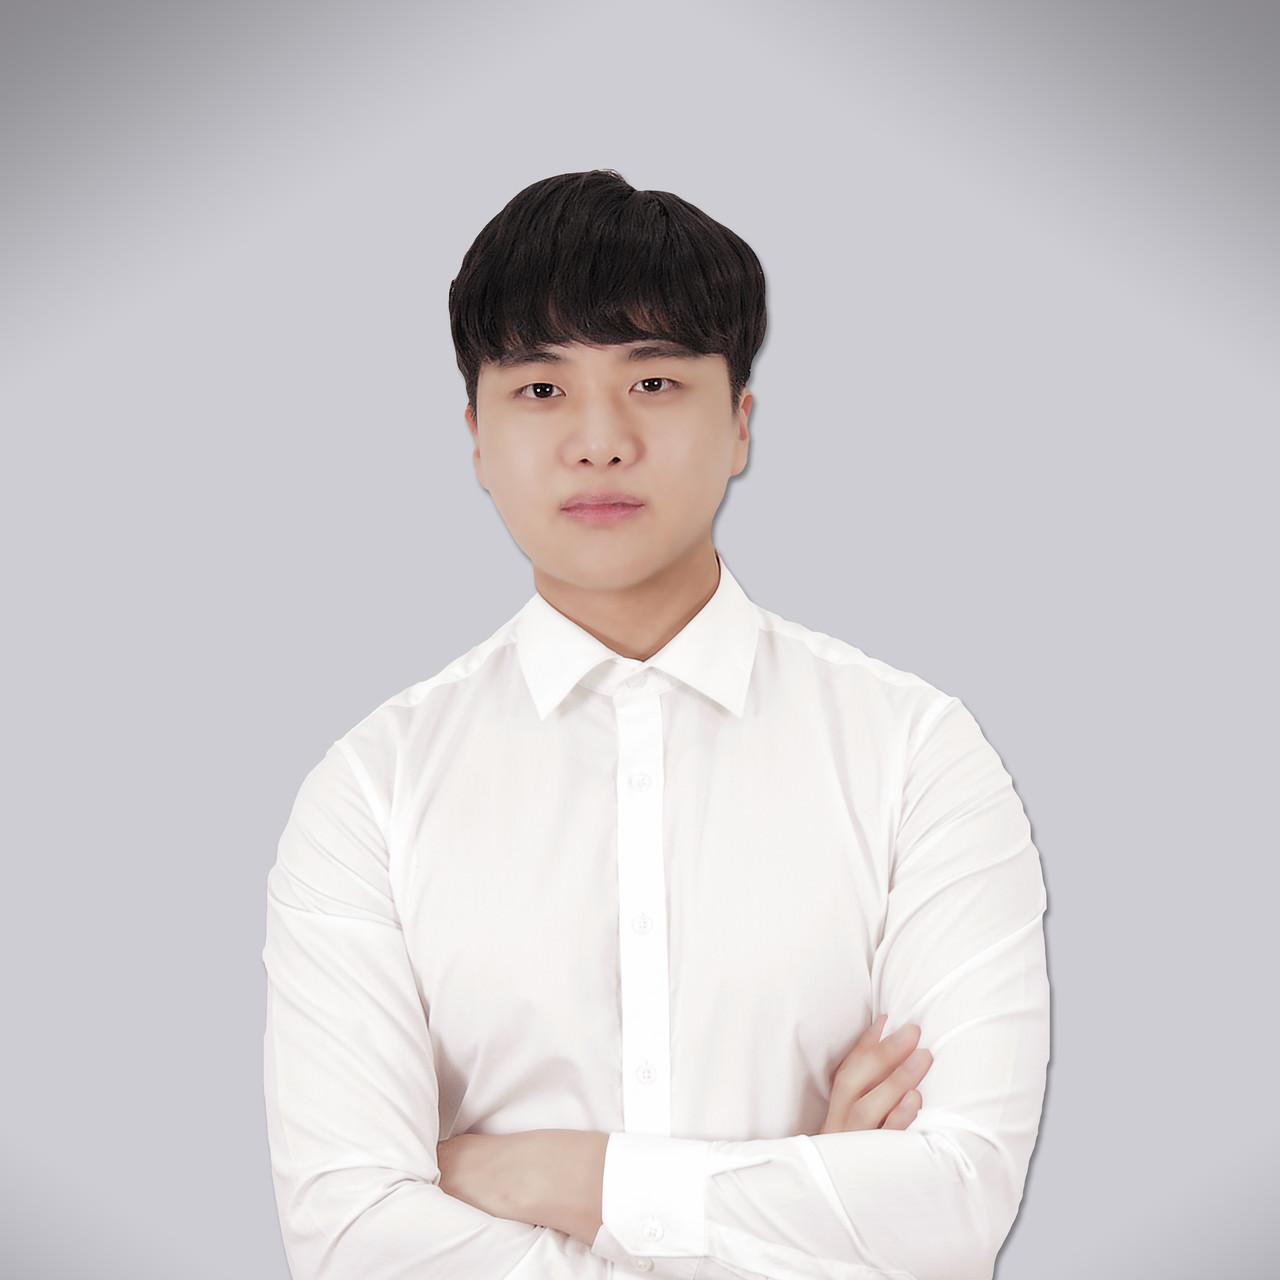 보컬 트레이너 박도협